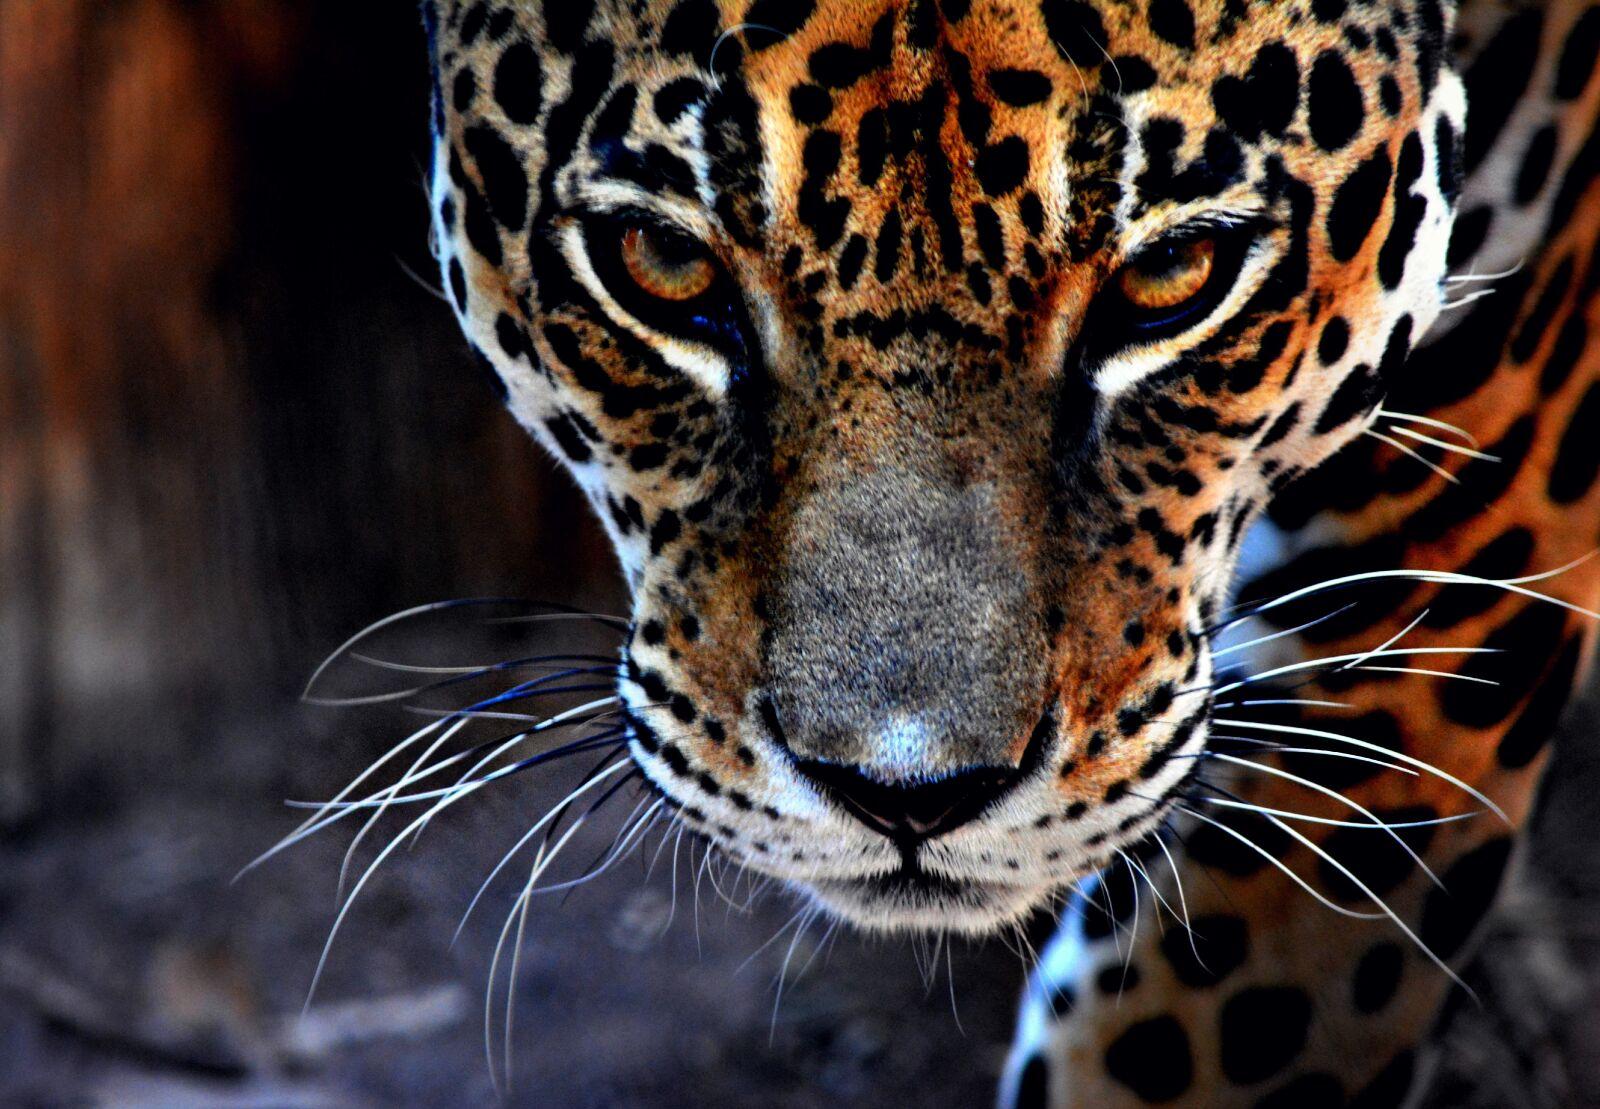 """Nikon D5200 sample photo. """"Bigcat, bigcats, jaguar, jaguars"""" photography"""